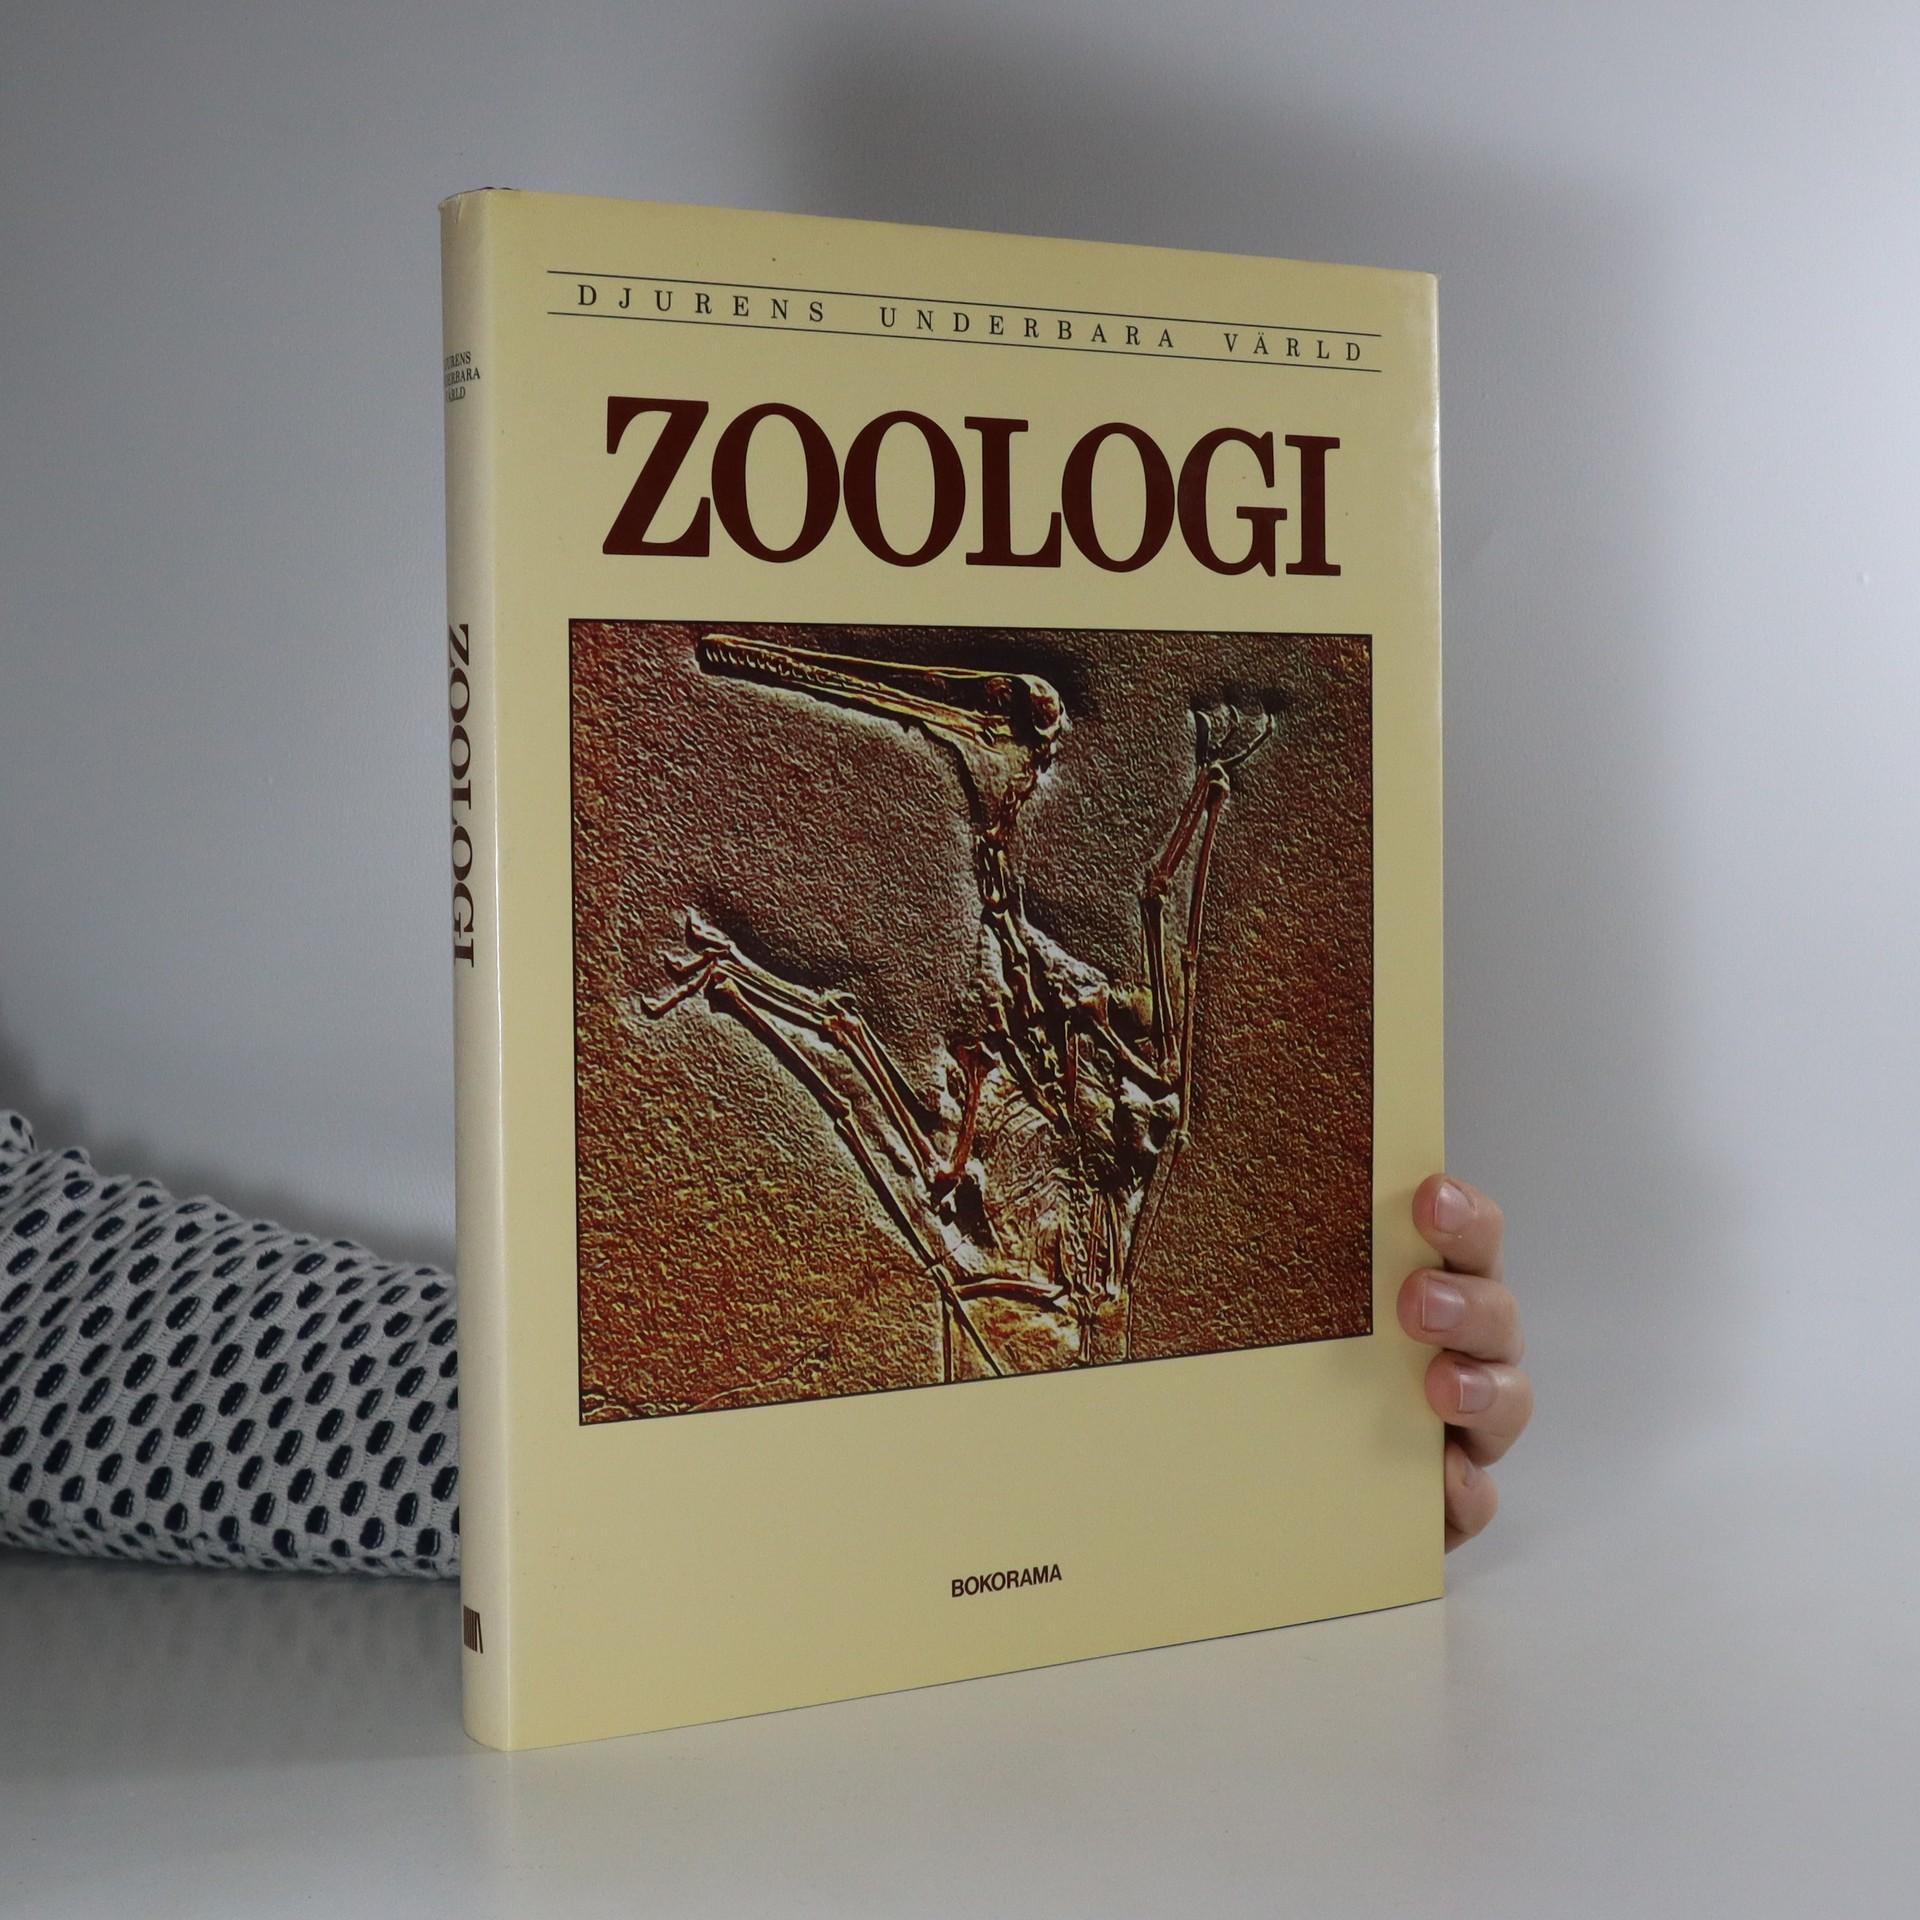 antikvární kniha Zoologi, 1984